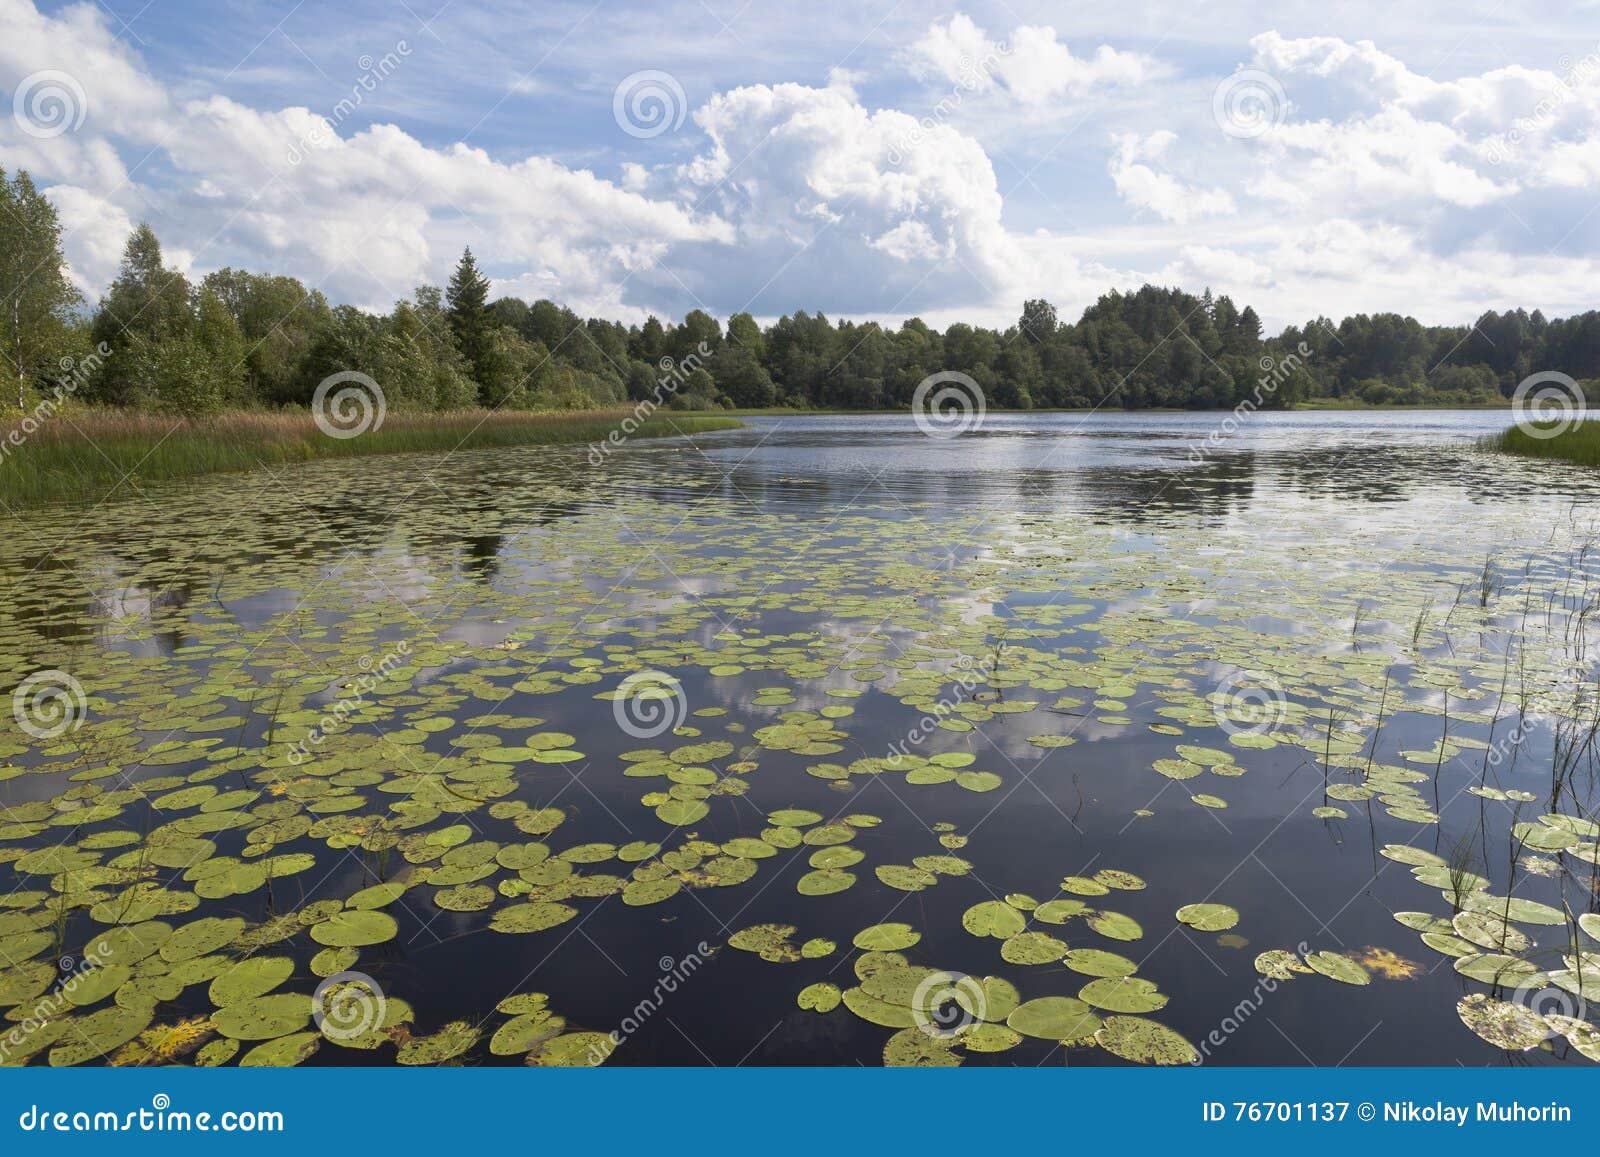 Lago Ilinskoe en el norte ruso en el distrito de Kirillov, región de Vologda, Rusia del parque nacional